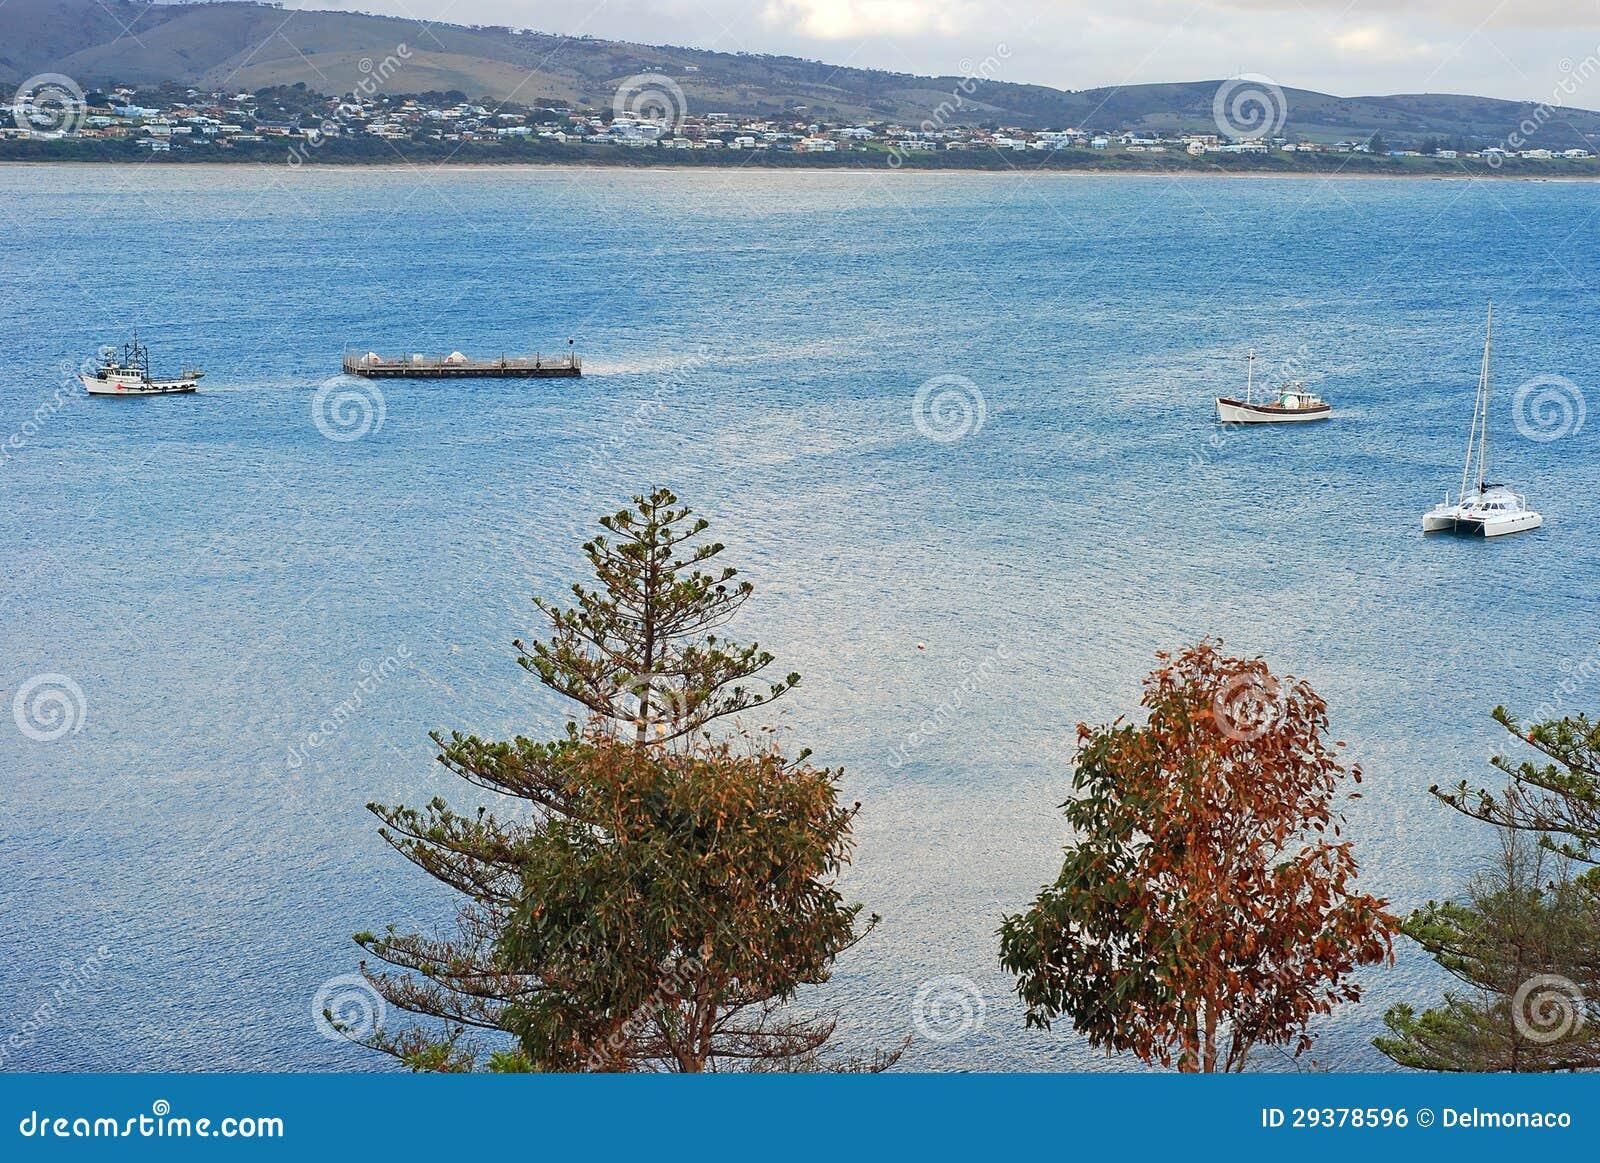 风船横向临近花岗岩海岛,胜者港口,南澳洲,澳洲